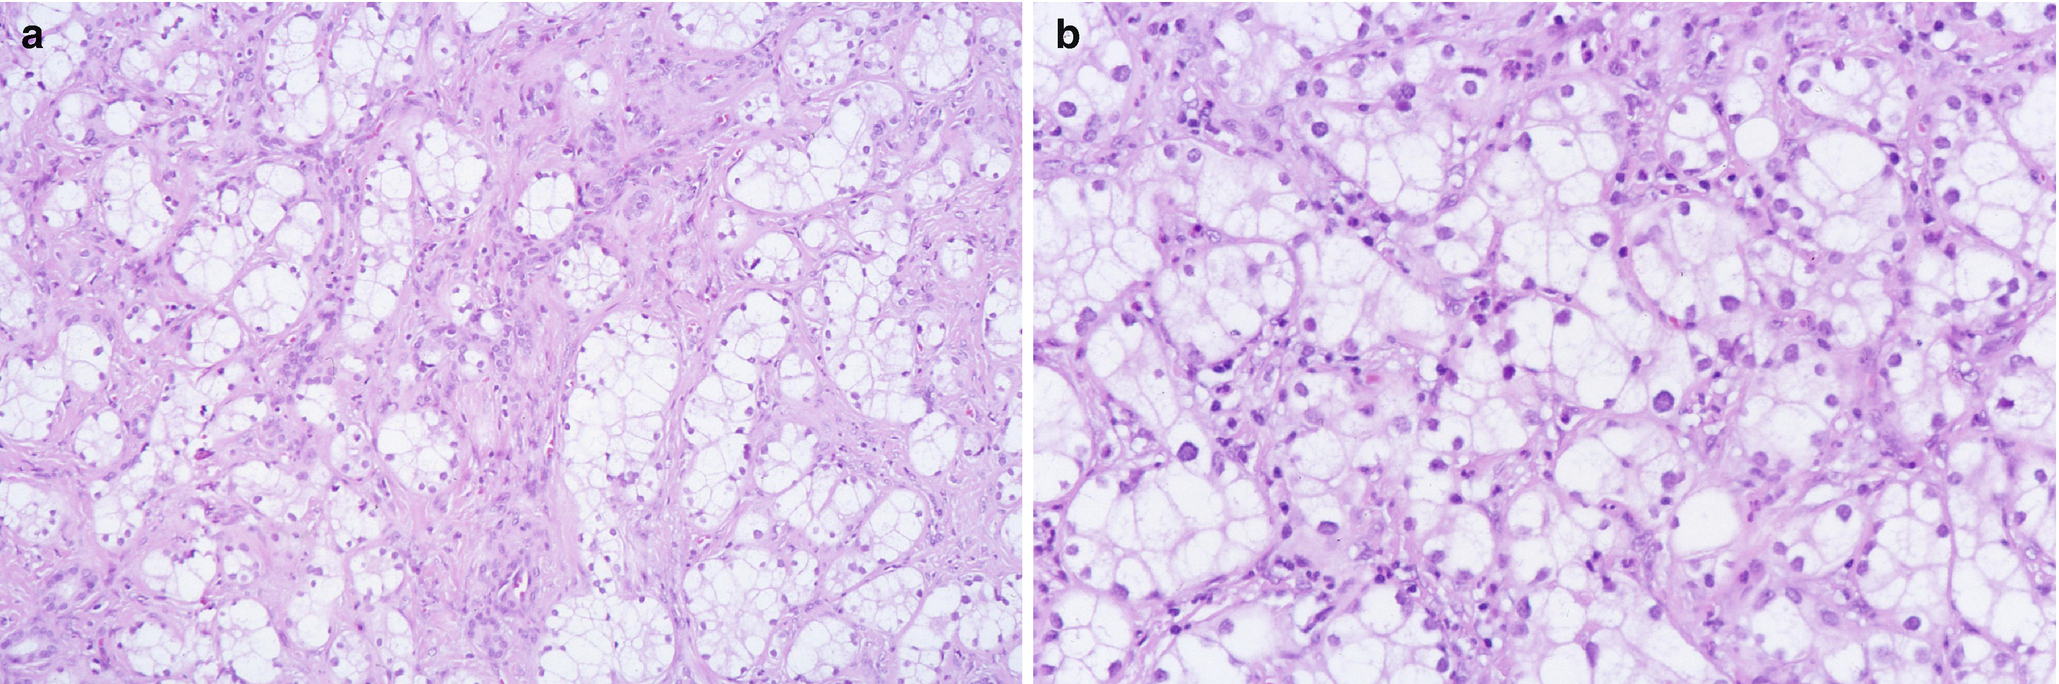 Tumors of the Liver | SpringerLink